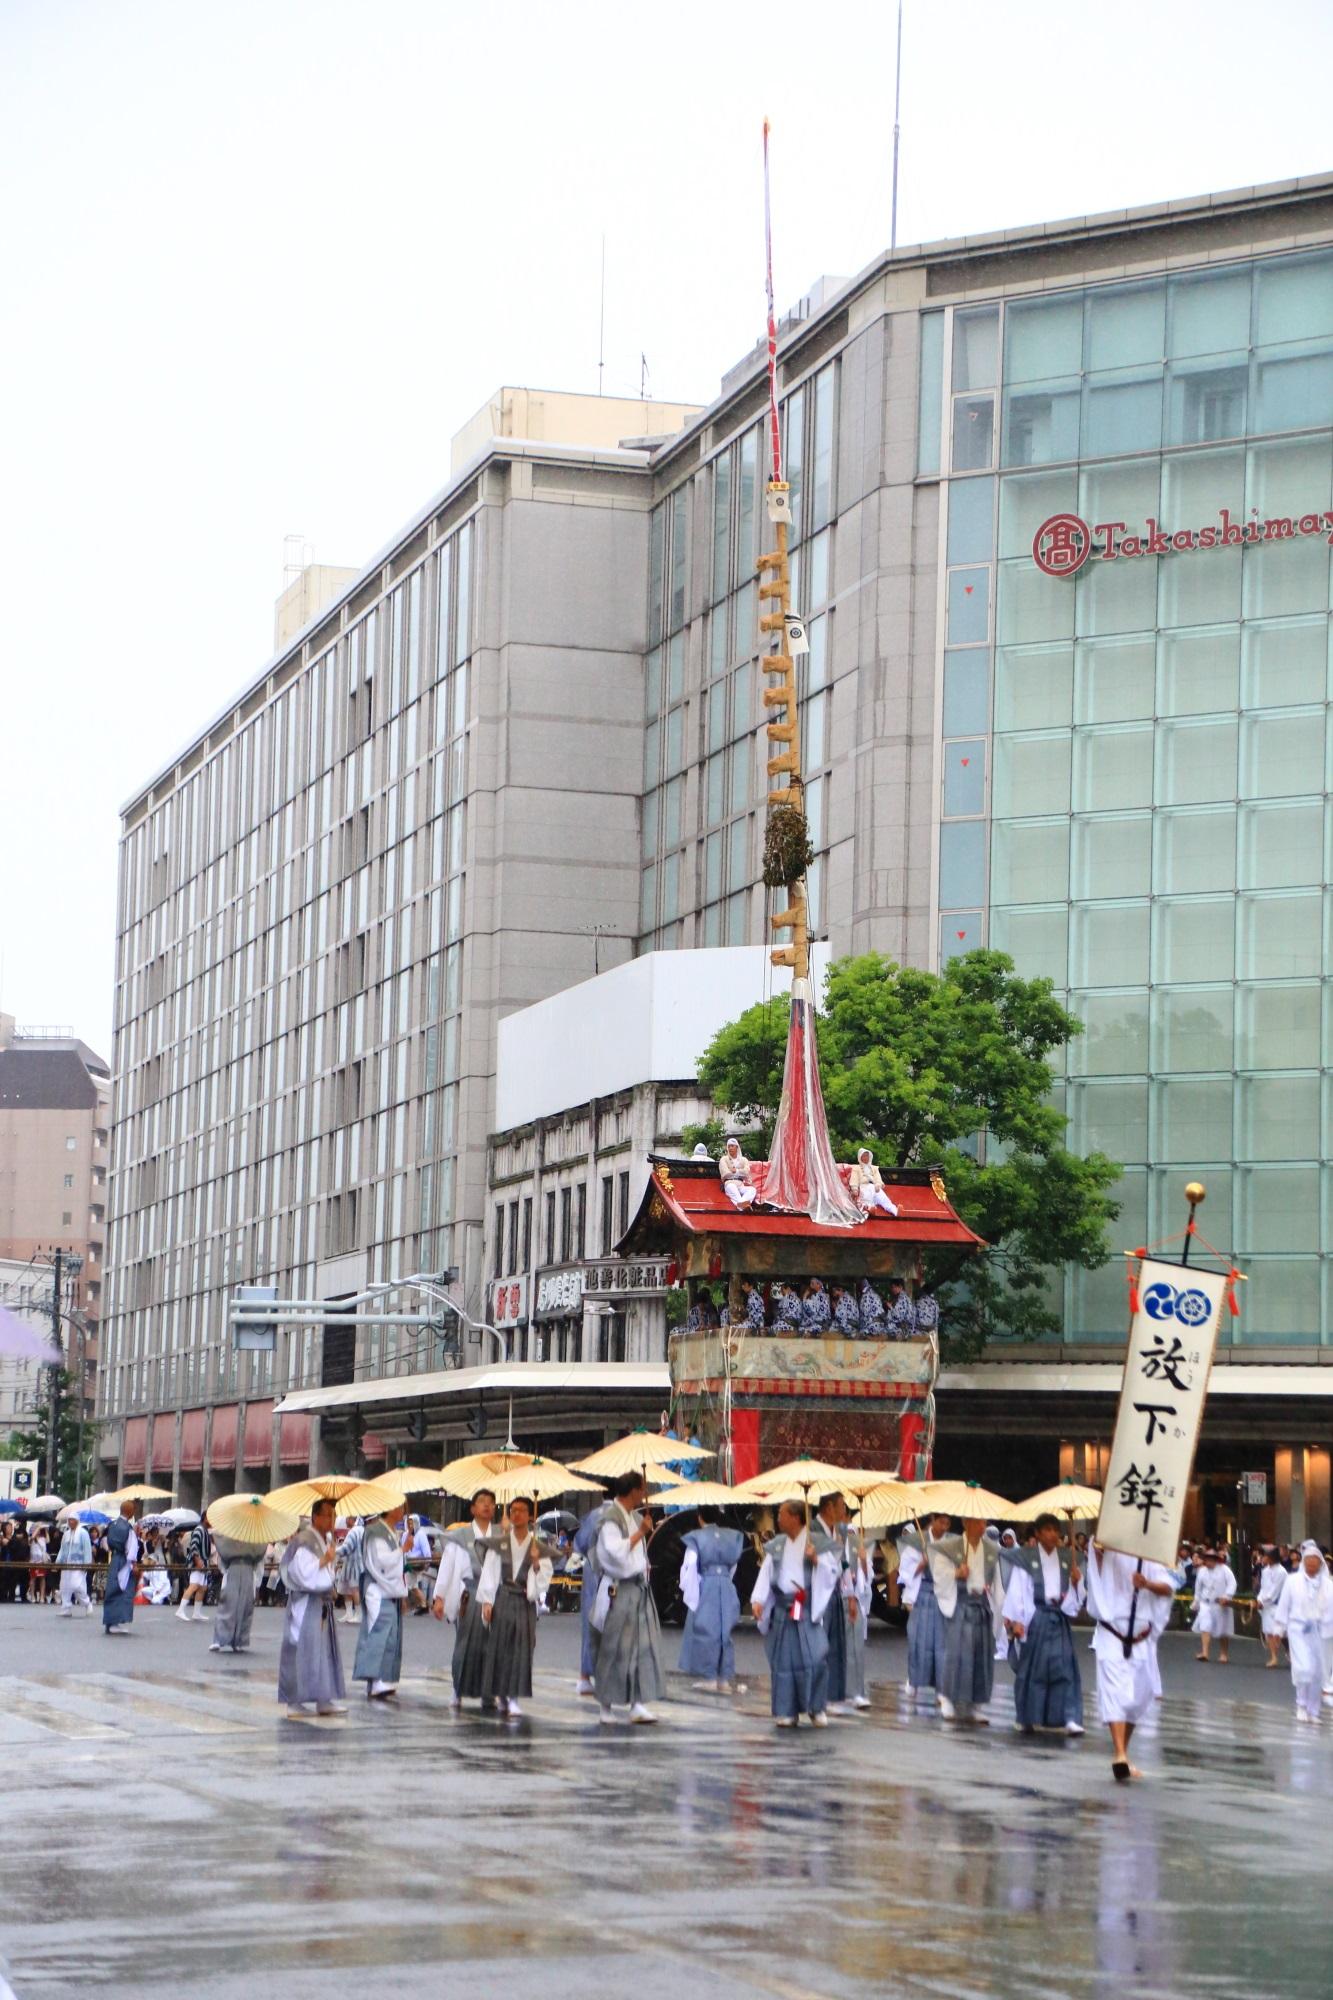 祇園祭の山鉾巡行の放下鉾(ほうかほこ)